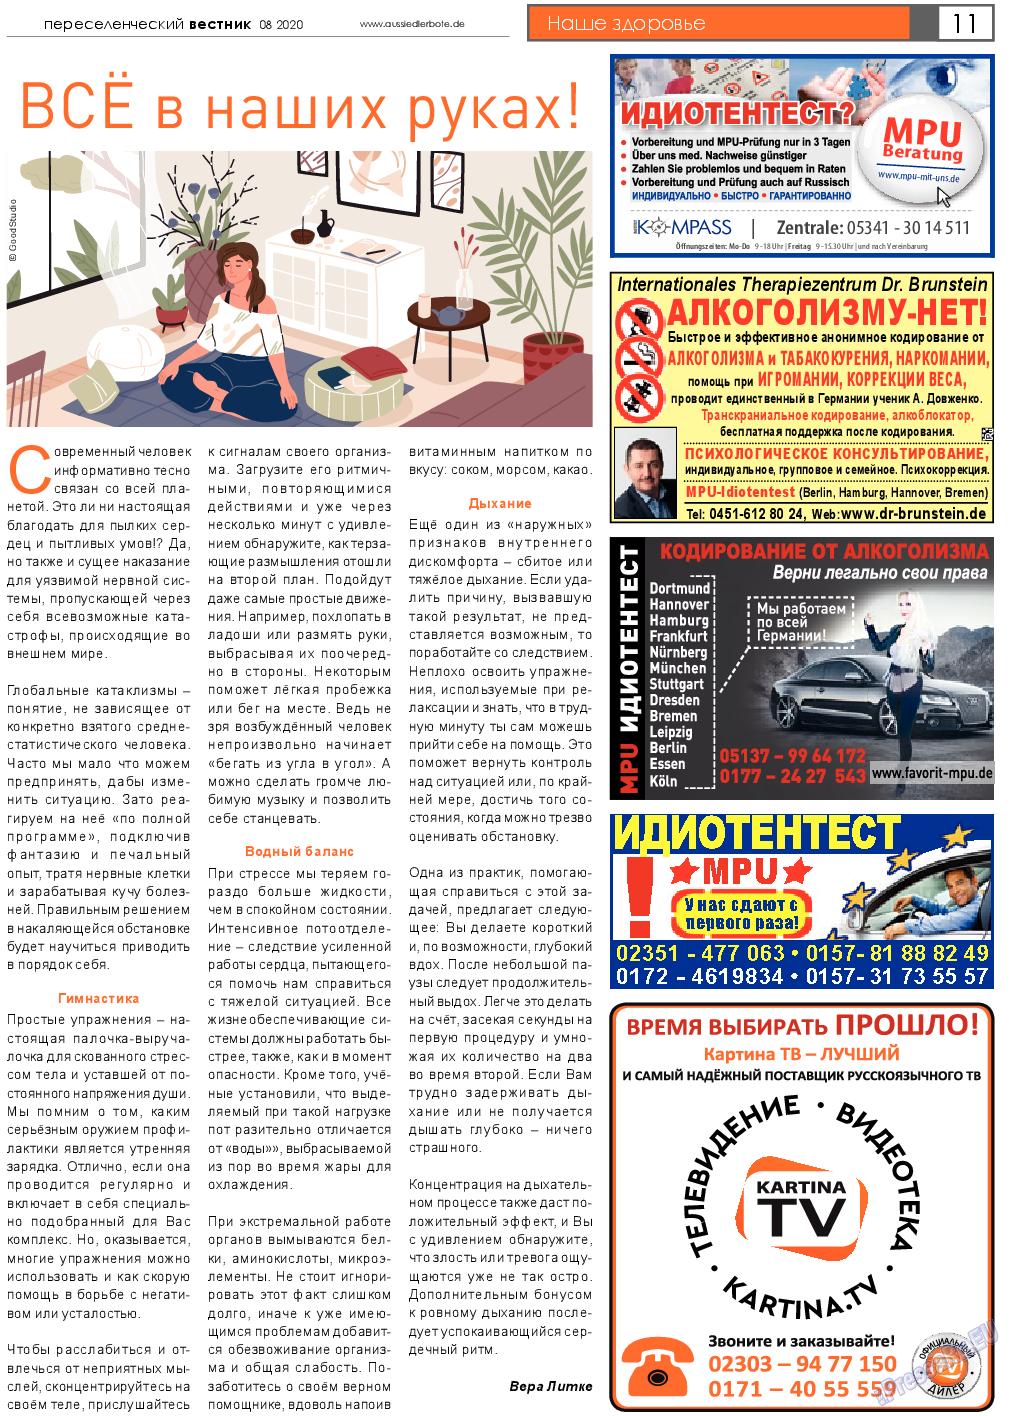 Переселенческий вестник (газета). 2020 год, номер 8, стр. 11